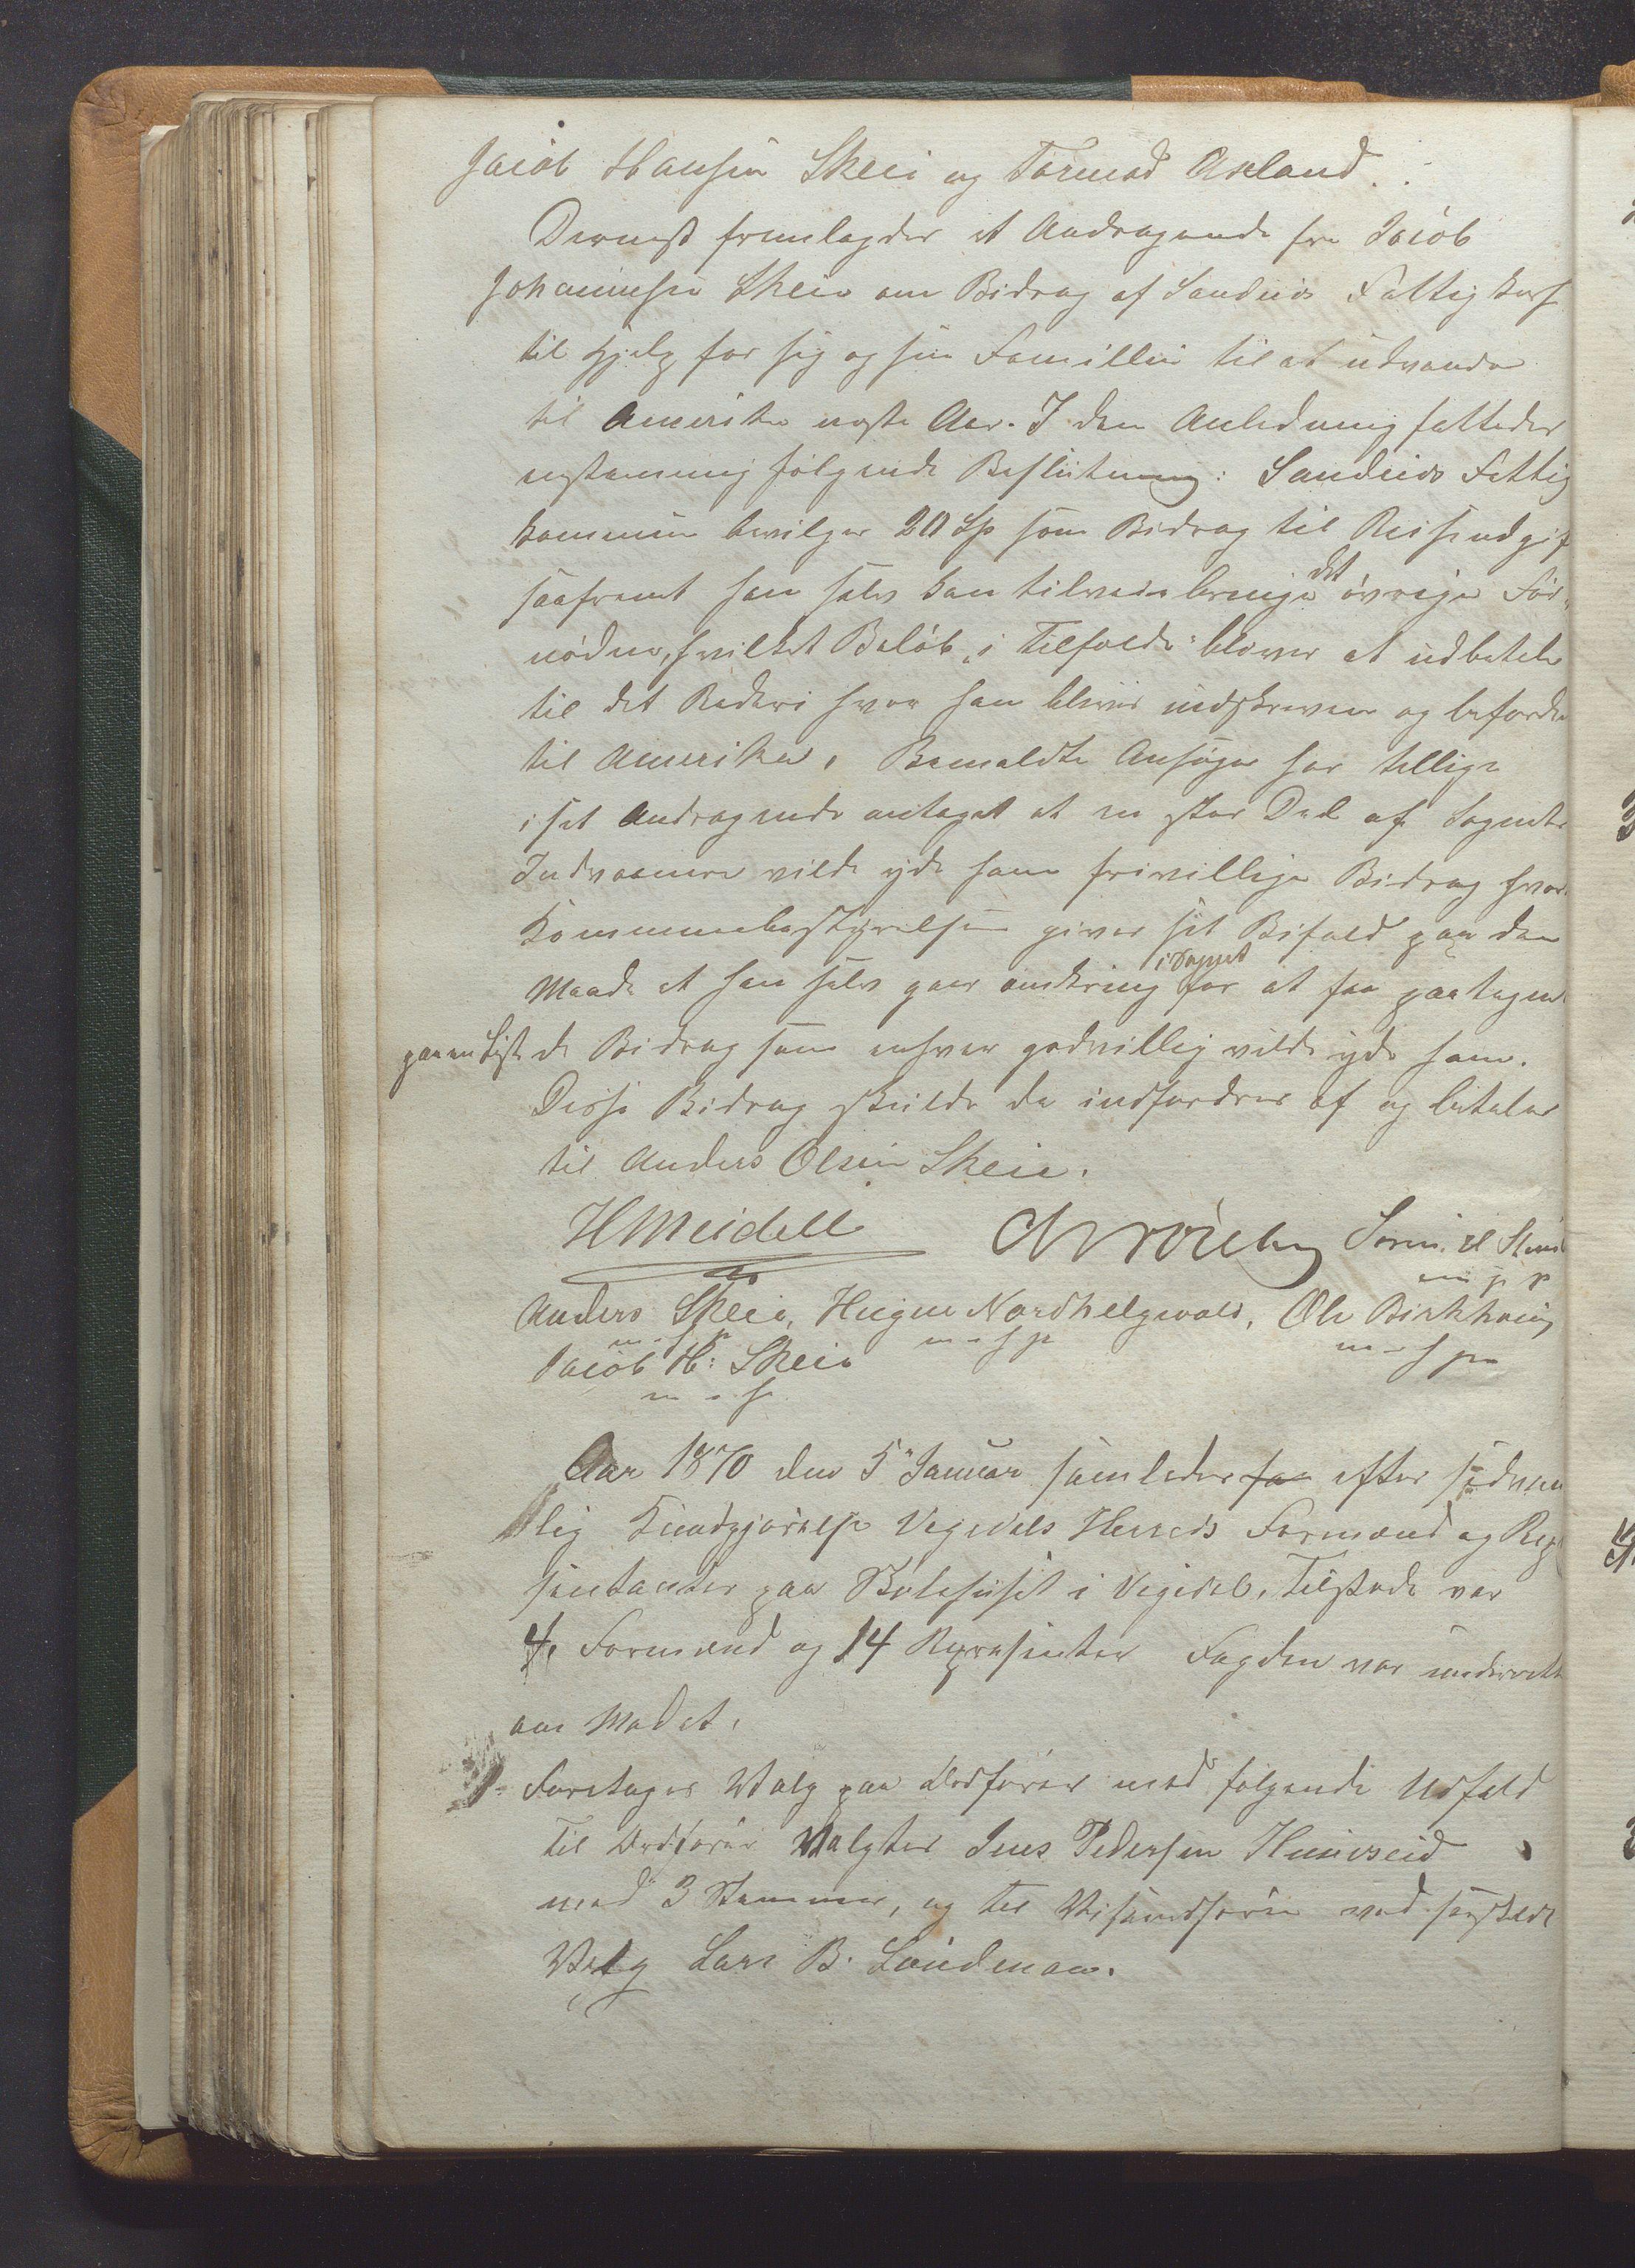 IKAR, Vikedal kommune - Formannskapet, Aaa/L0001: Møtebok, 1837-1874, s. 195b